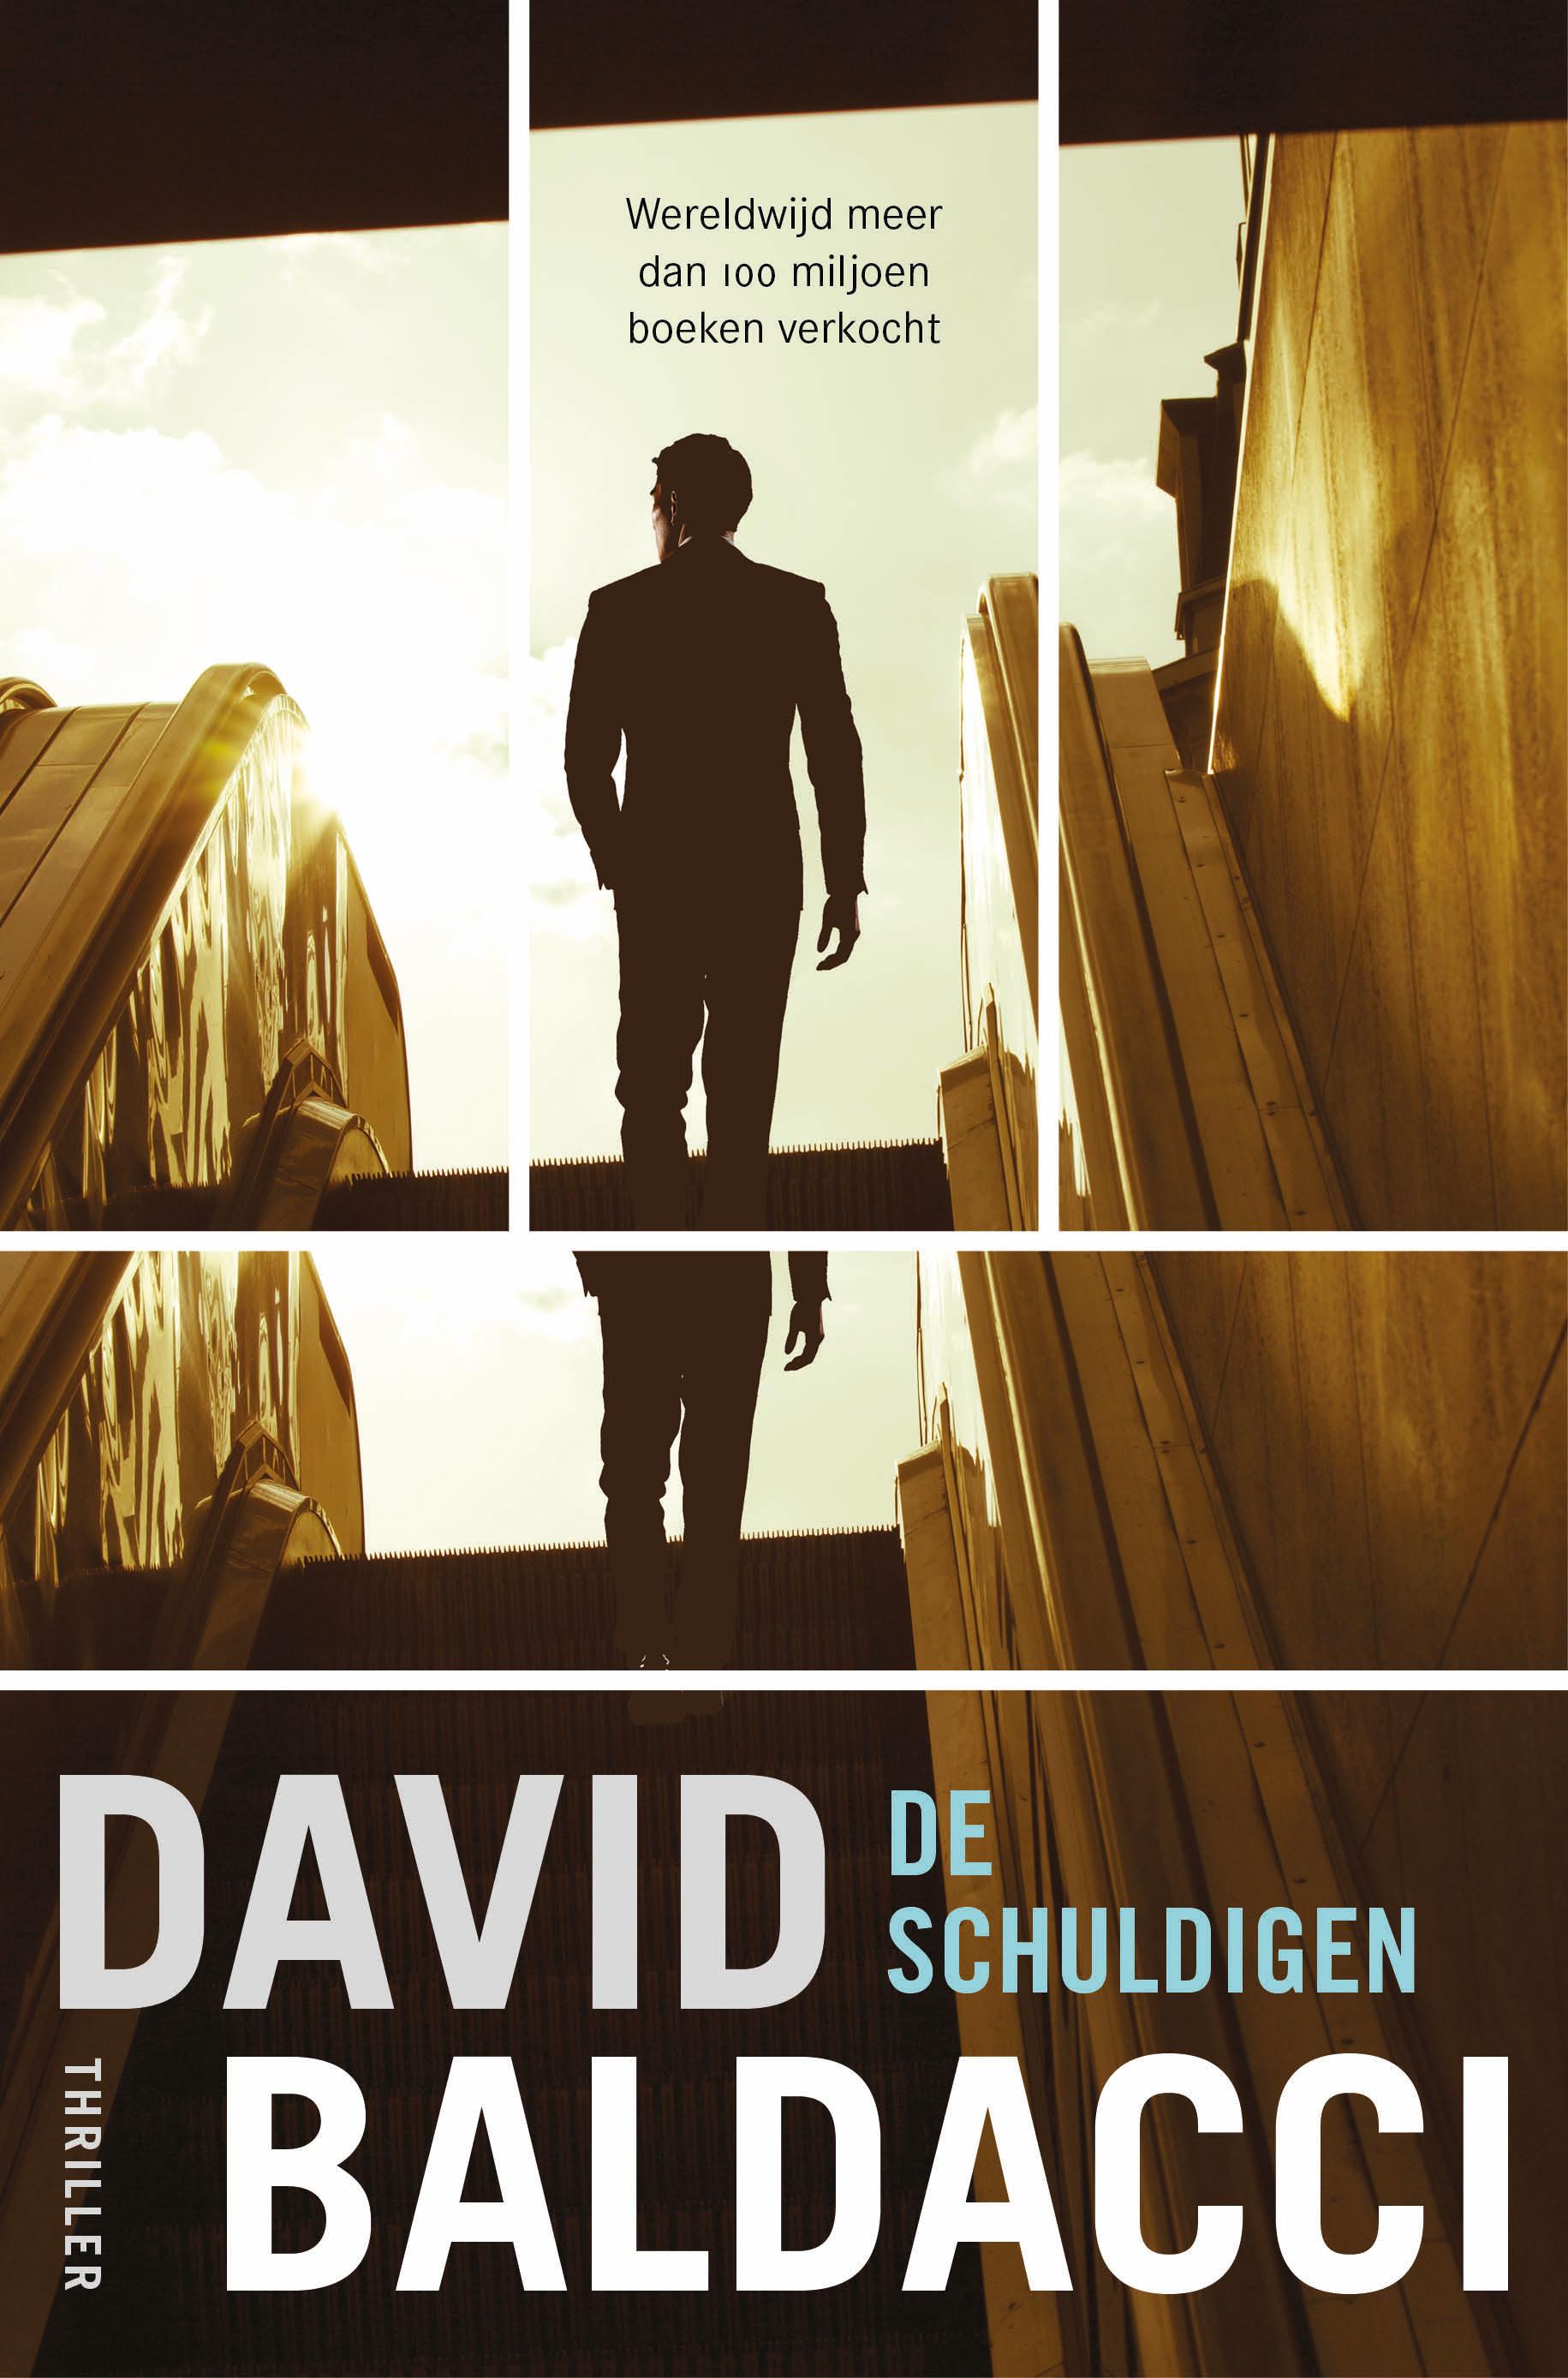 De schuldigen – David Baldacci